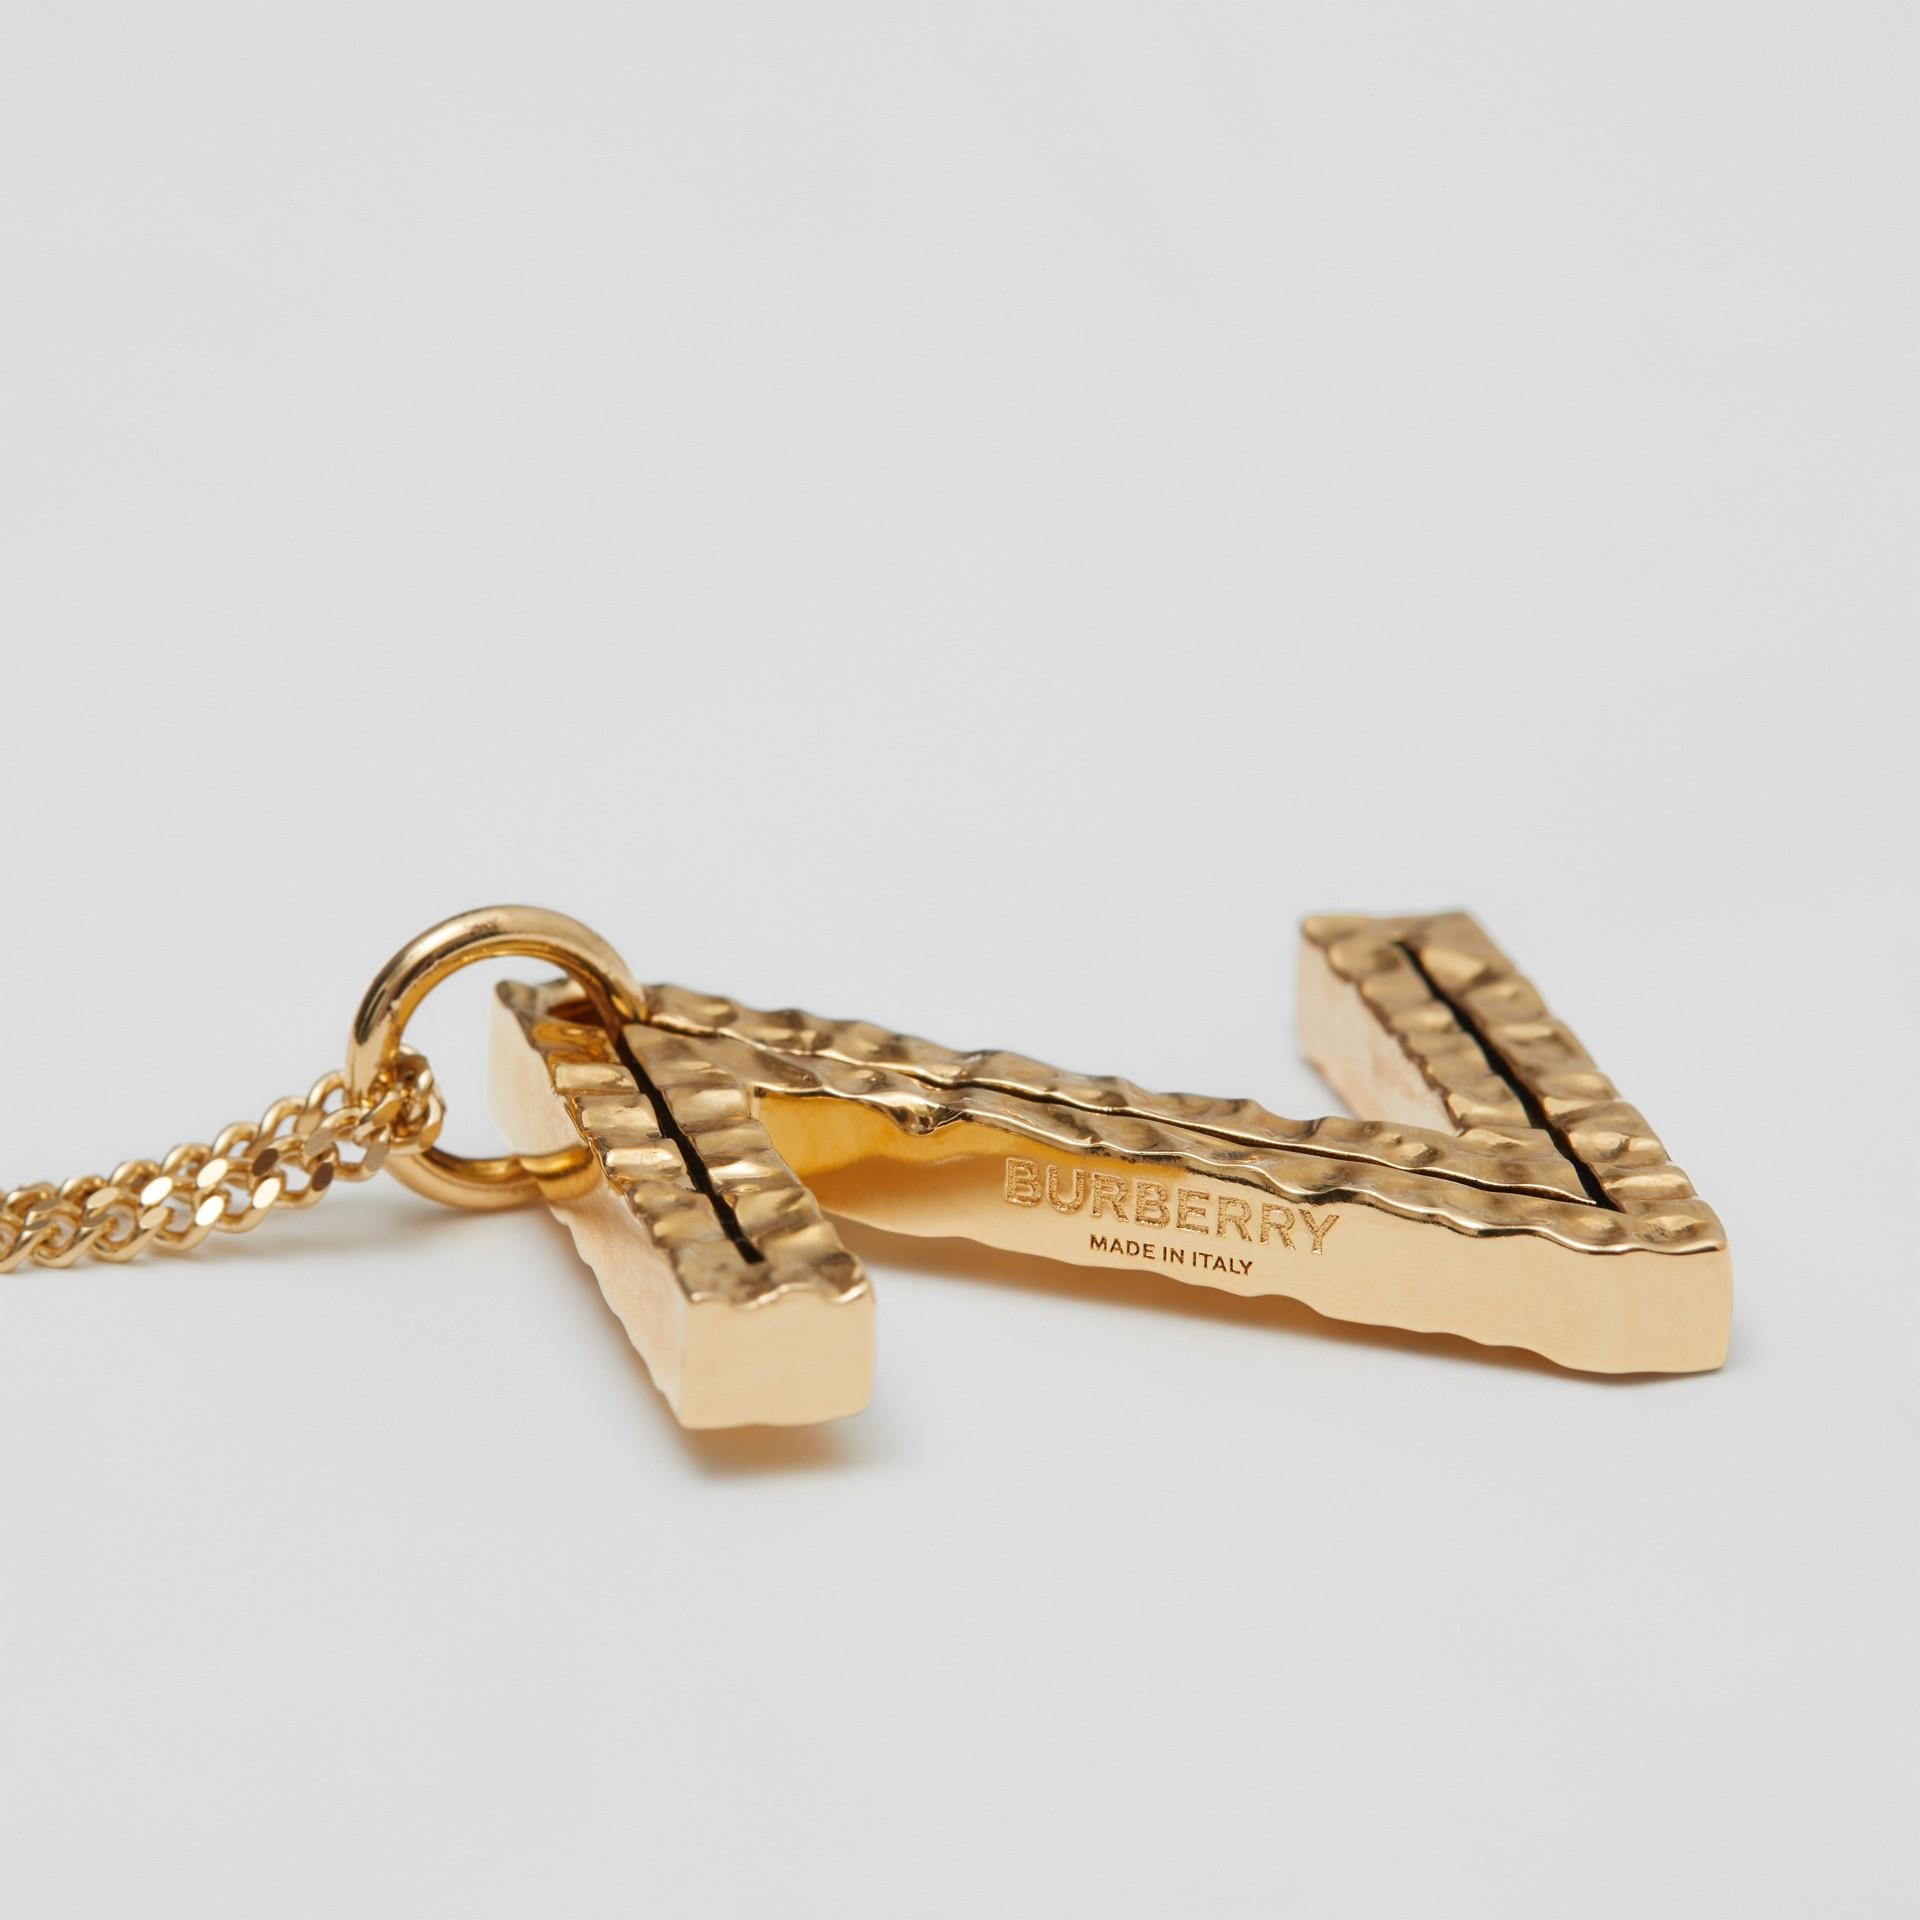 Collana con ciondolo a forma di Z in metallo placcato oro (Chiaro) - Donna   Burberry - immagine della galleria 1